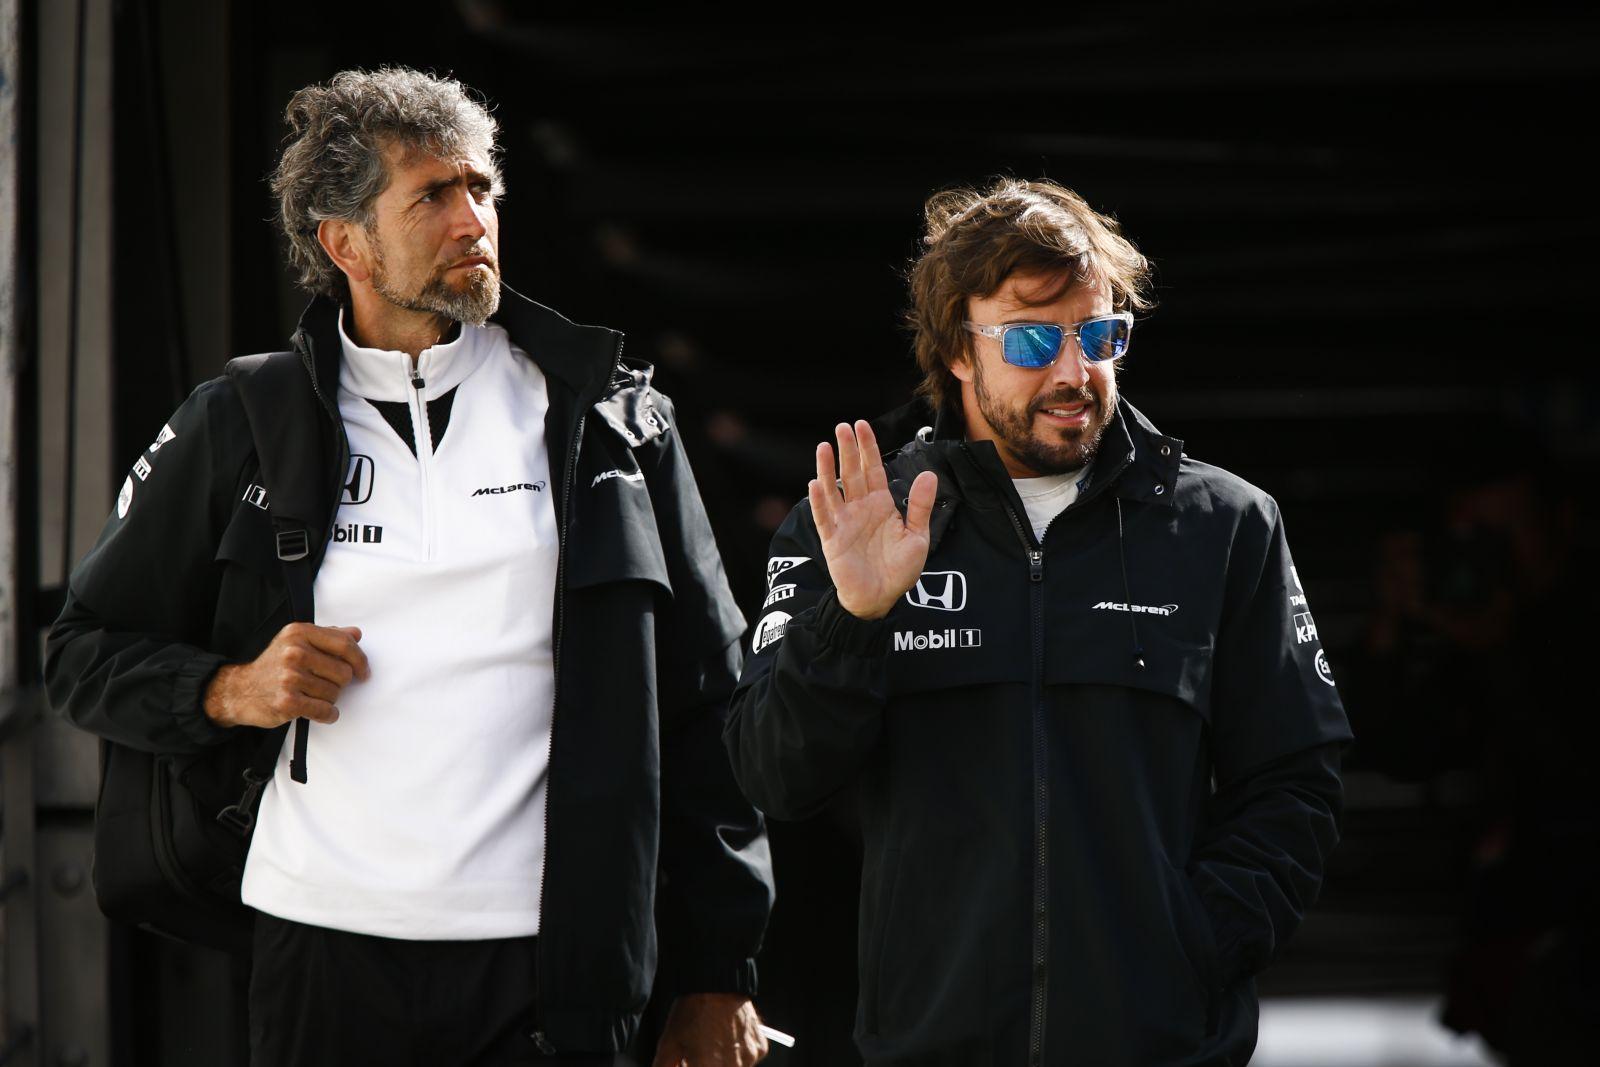 """Fernando, mit vársz a továbbfejlesztett motortól? """"Nem valami sokat"""""""